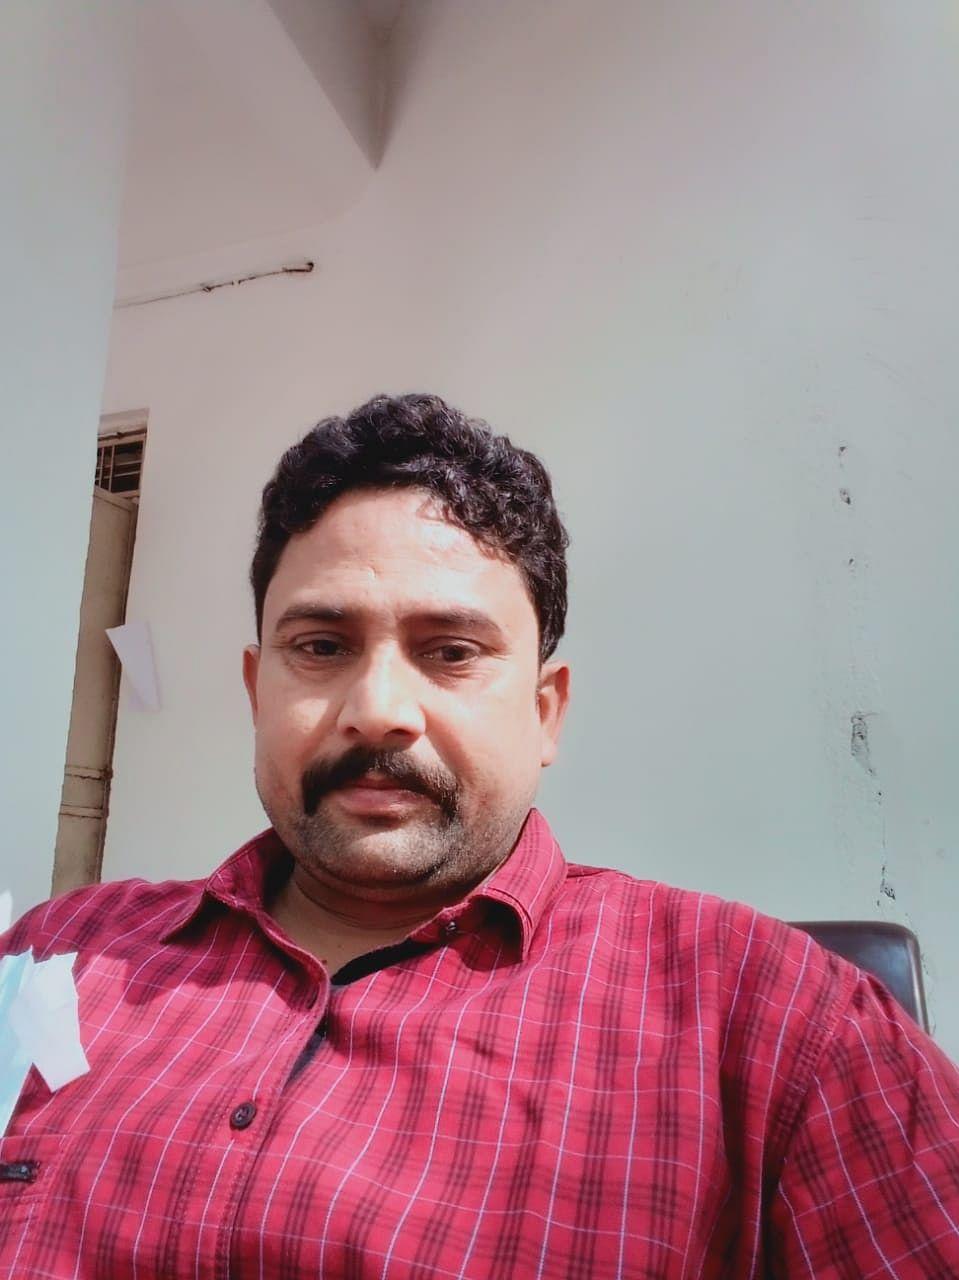 रायपुर:कोरोना से जंग- स्वास्थ्य की परवाह किए बिना अपनी ड्यूटी पूरी मुस्तैदी से कर रहे डाॅ. समीर